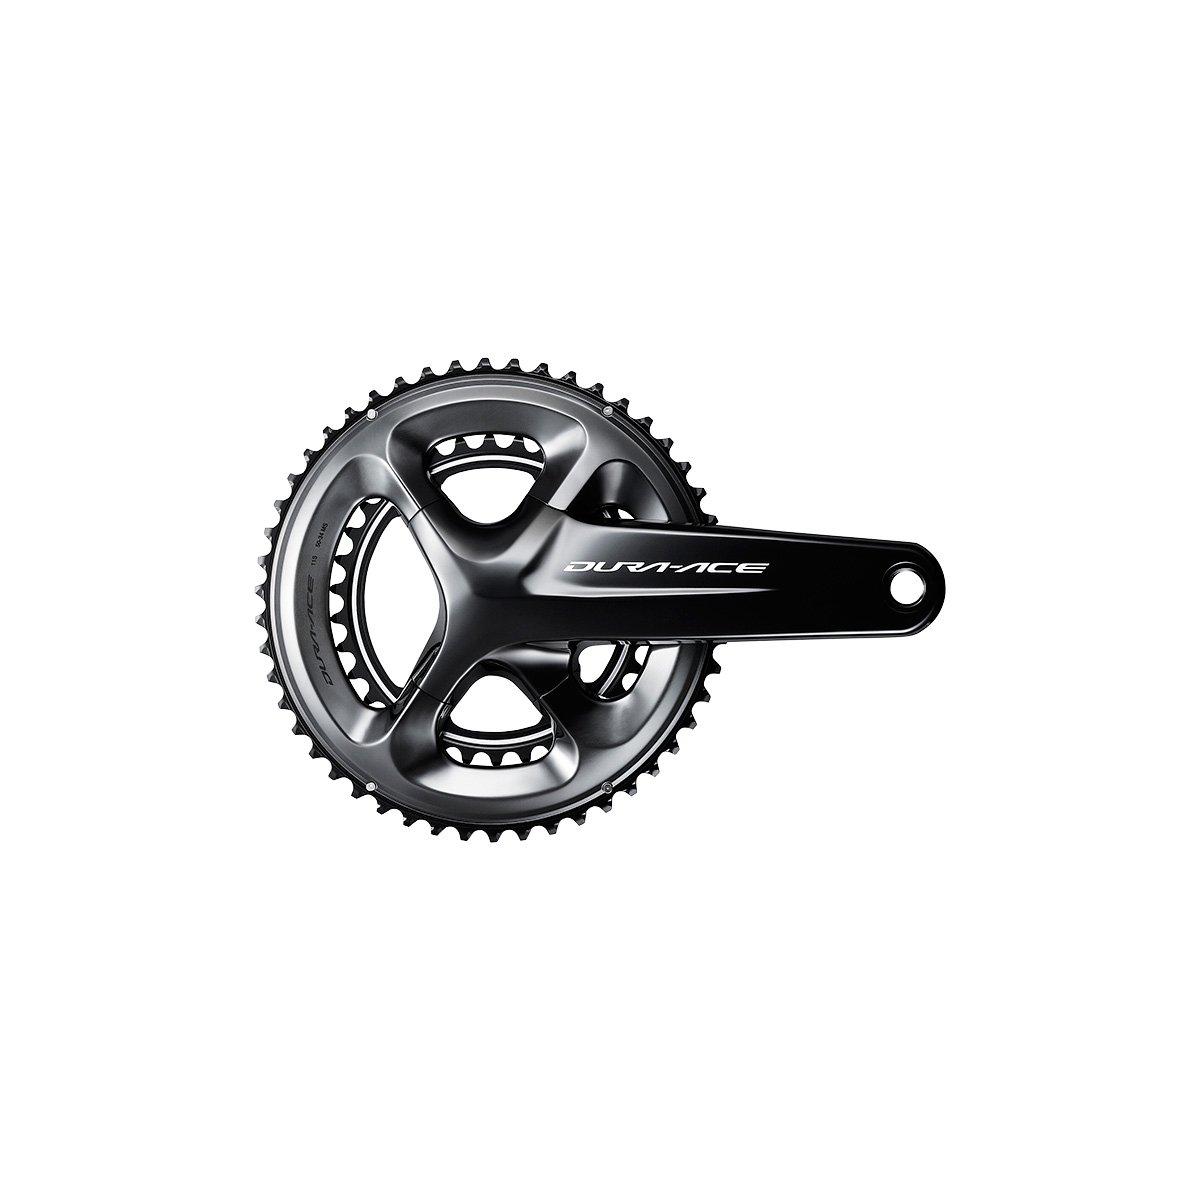 Shimanoシマノロード自転車クランクセット – fc-r9100 (177.5 mm、50 x 34t)